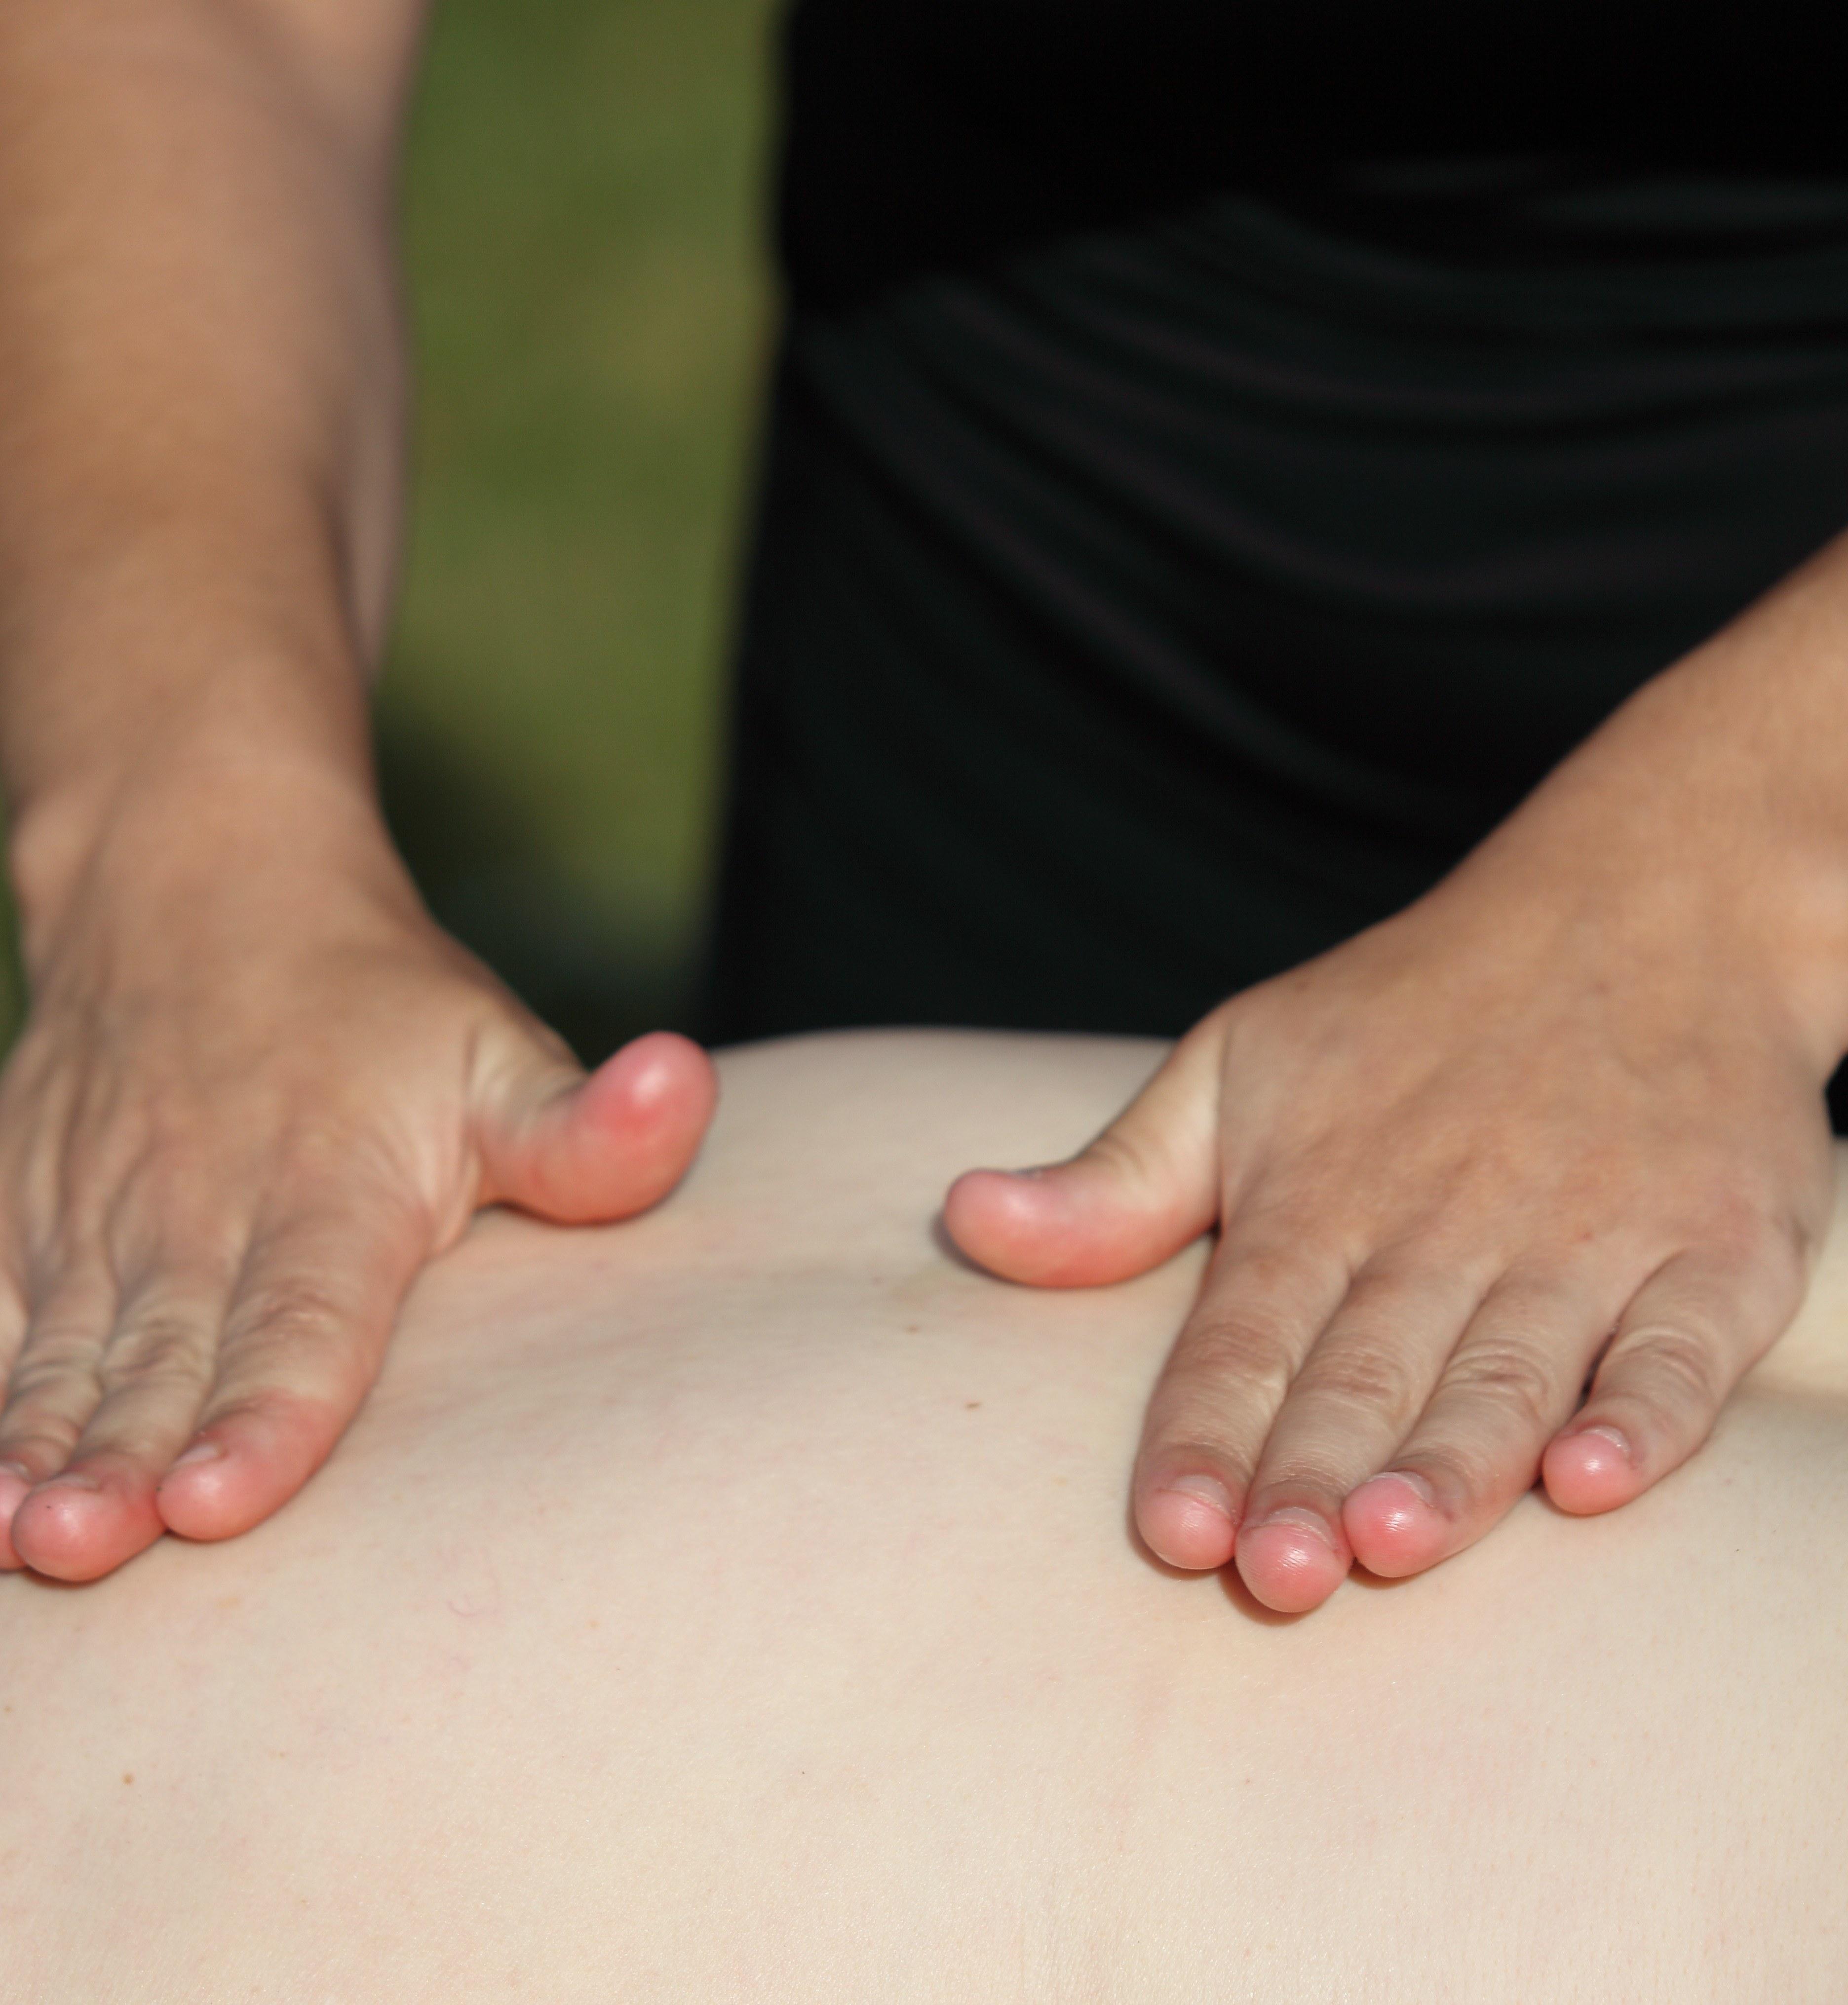 les mains de Nathalie